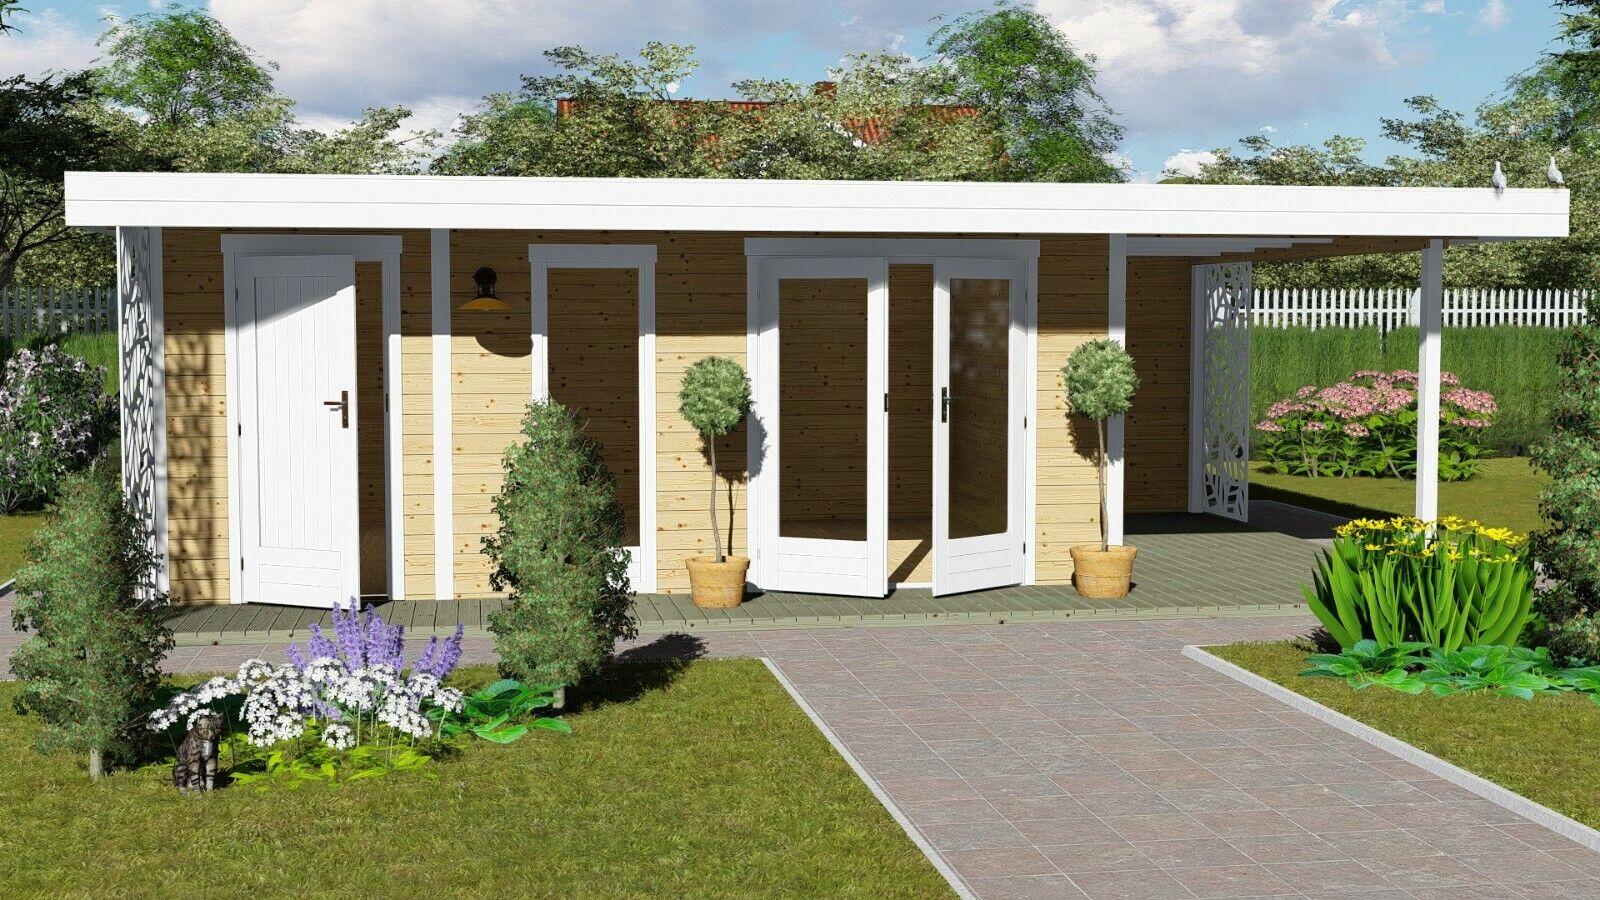 Gartenhaus Mit Flachdach Simple Gartenhaus Flachdach Modern Anbau